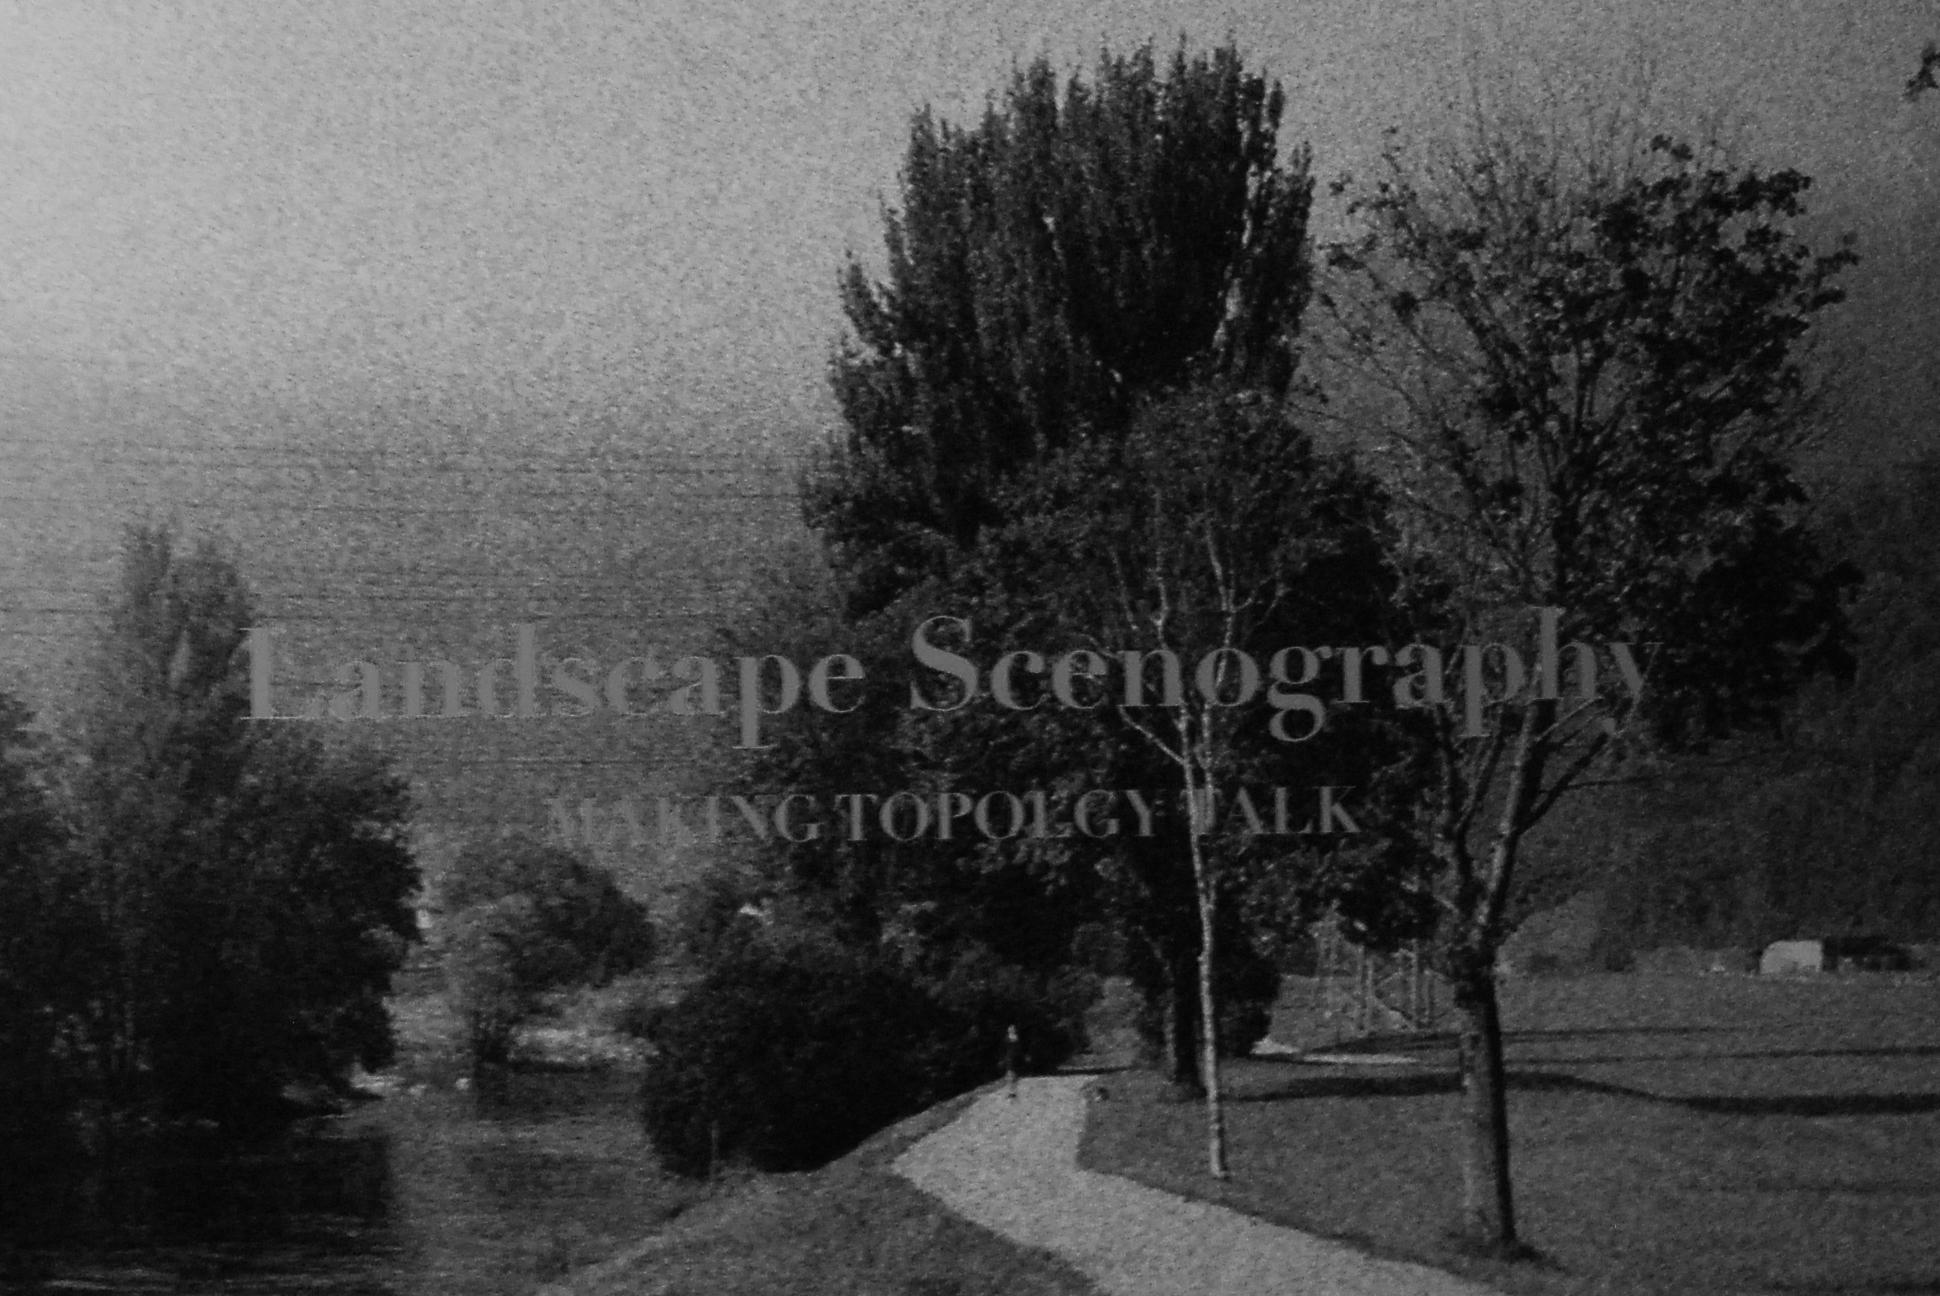 workshop Landscape Scenography1